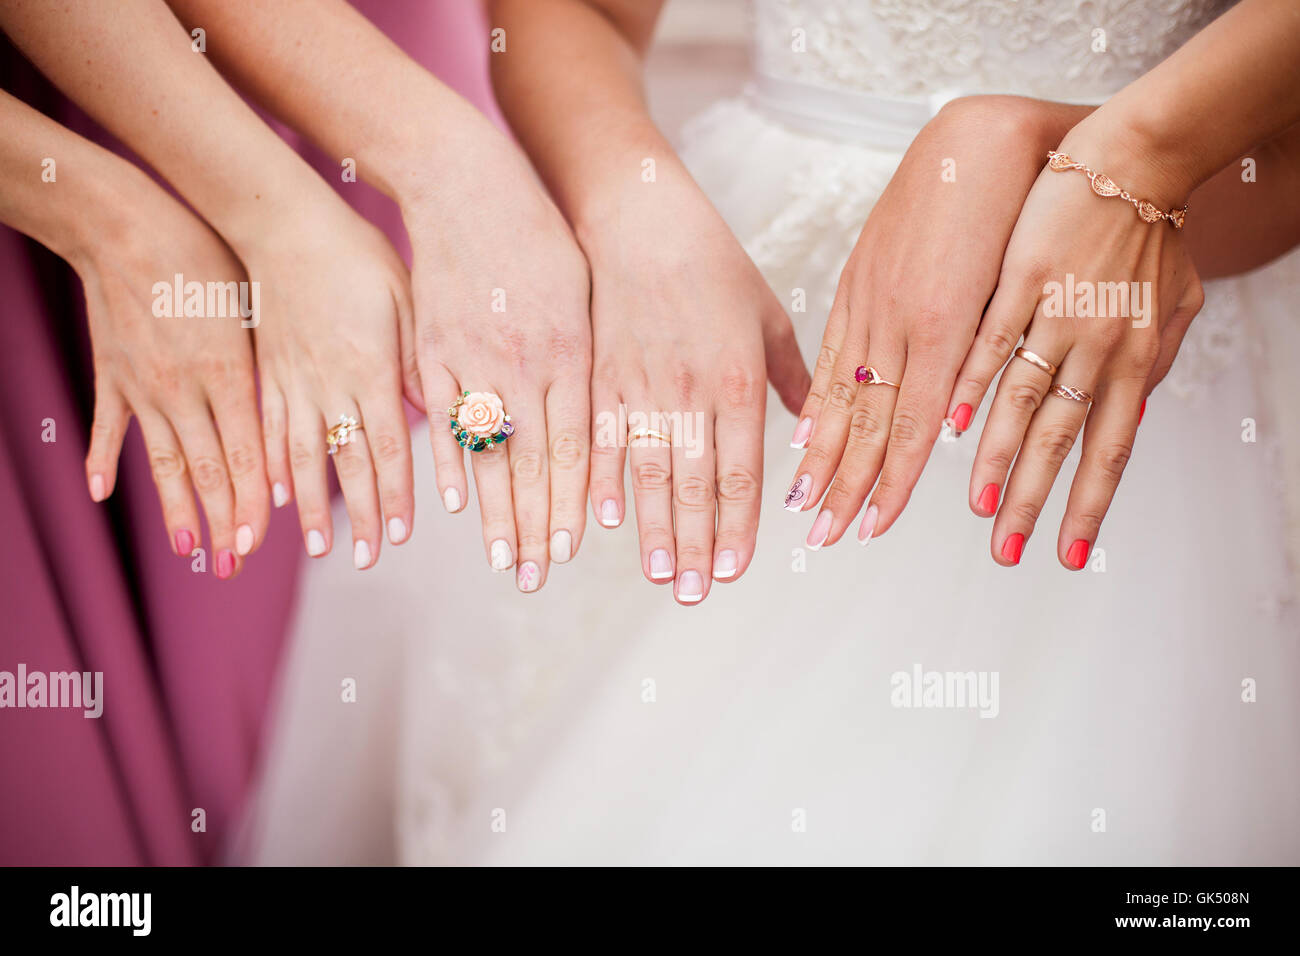 La novia y las damas de honor están mostrando sus manos con anillos ...